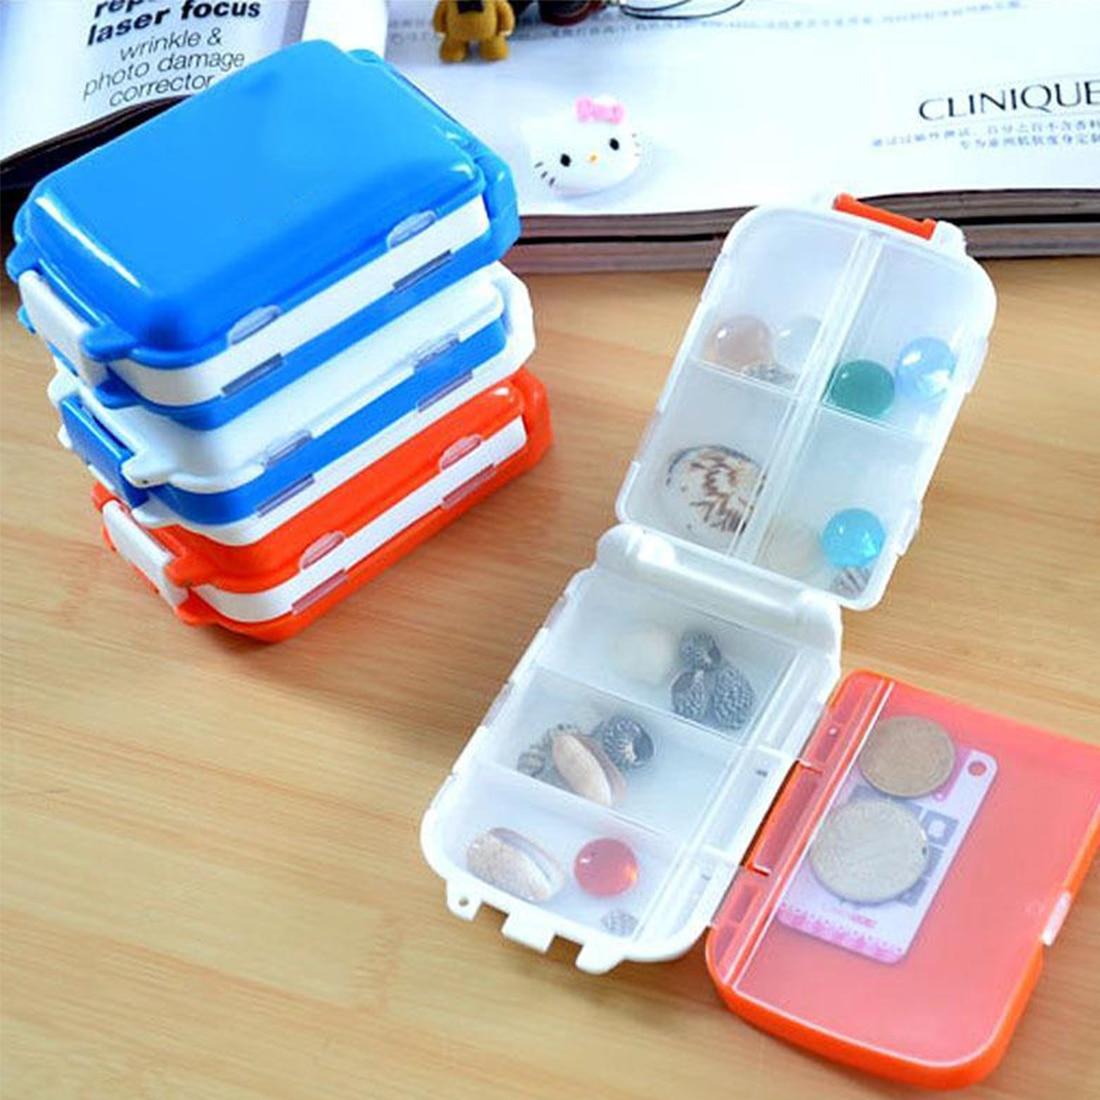 New 1pc Random Color 8 Compartments 3 Layers Folding Pill Box Medicine Container Portbal Pills Case Mini Jewelry Organizer